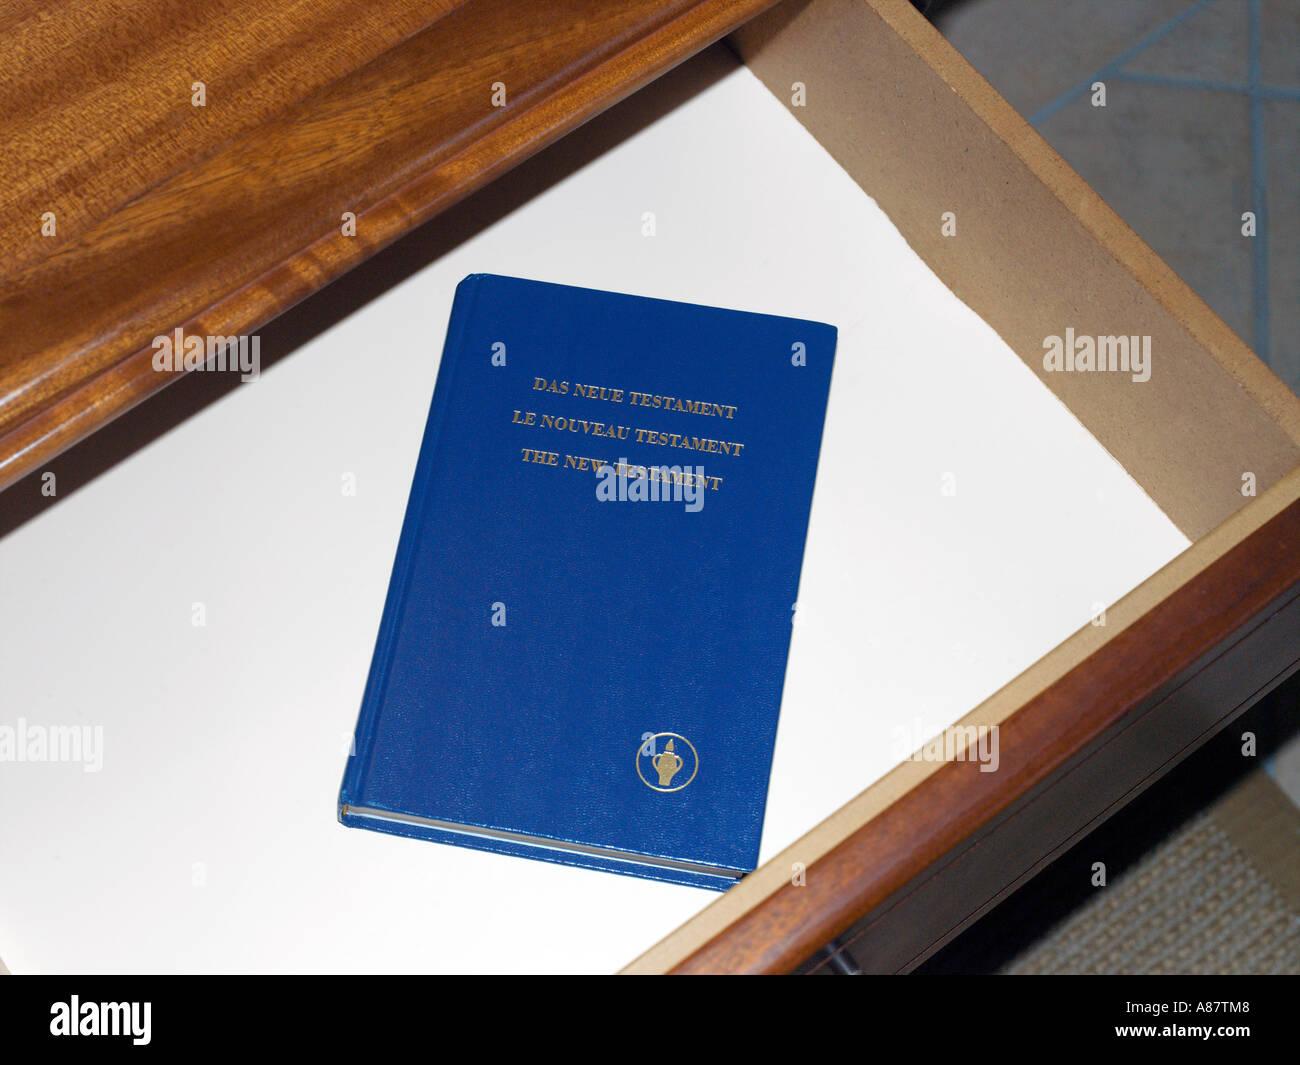 Balaclava Mauritius Gideon Bible in Drawer in Hotel Maritim Bedroom - Stock Image